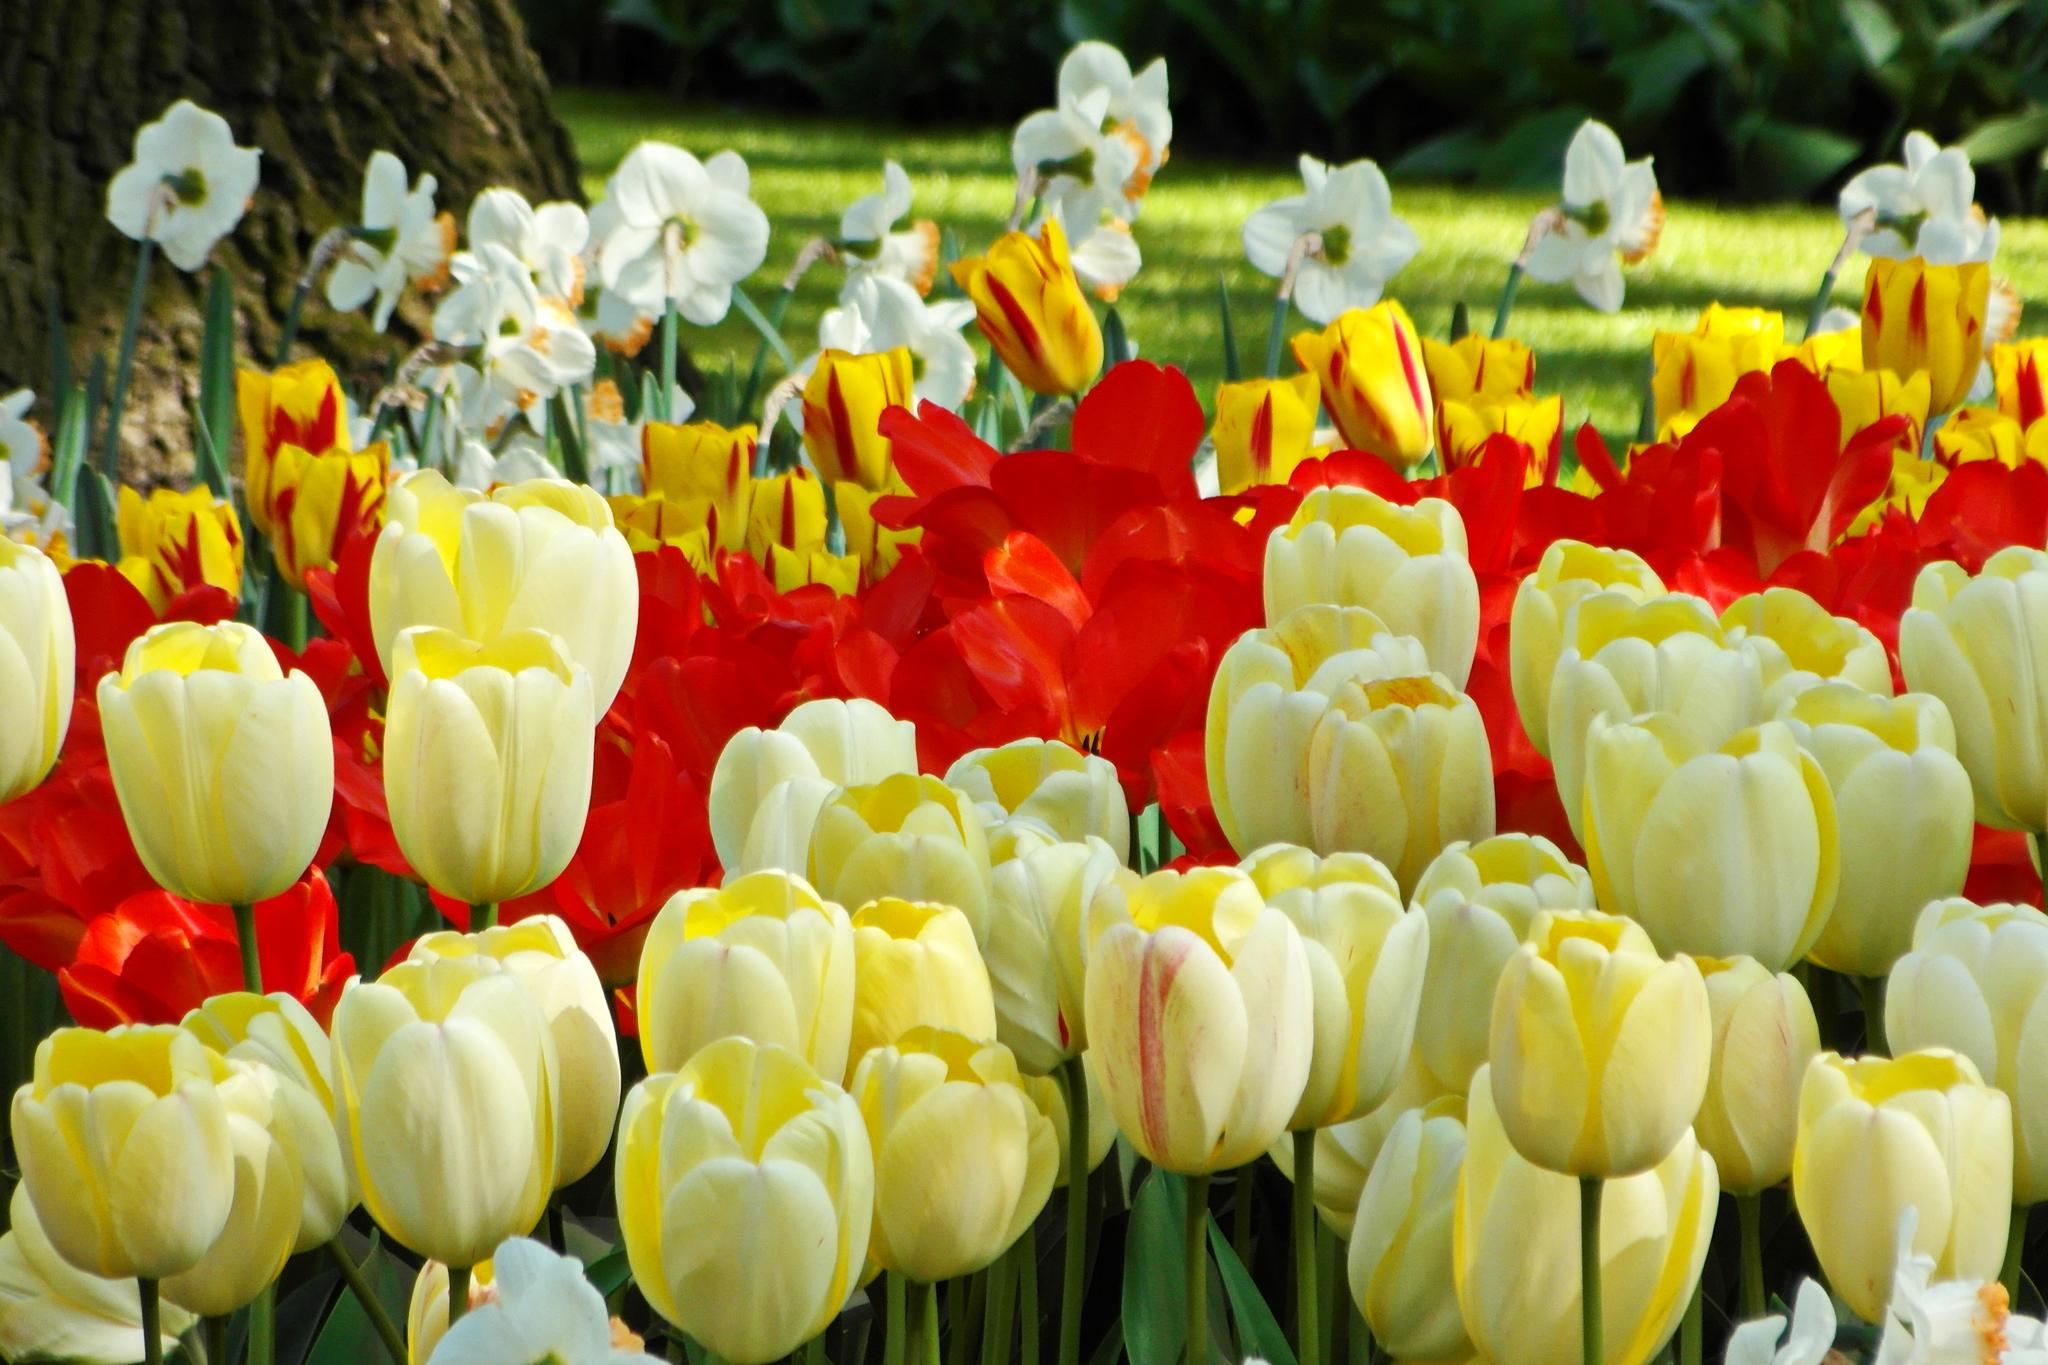 Фото Тюльпаны Цветы Нарциссы Много вблизи 2048x1365 тюльпан цветок Крупным планом